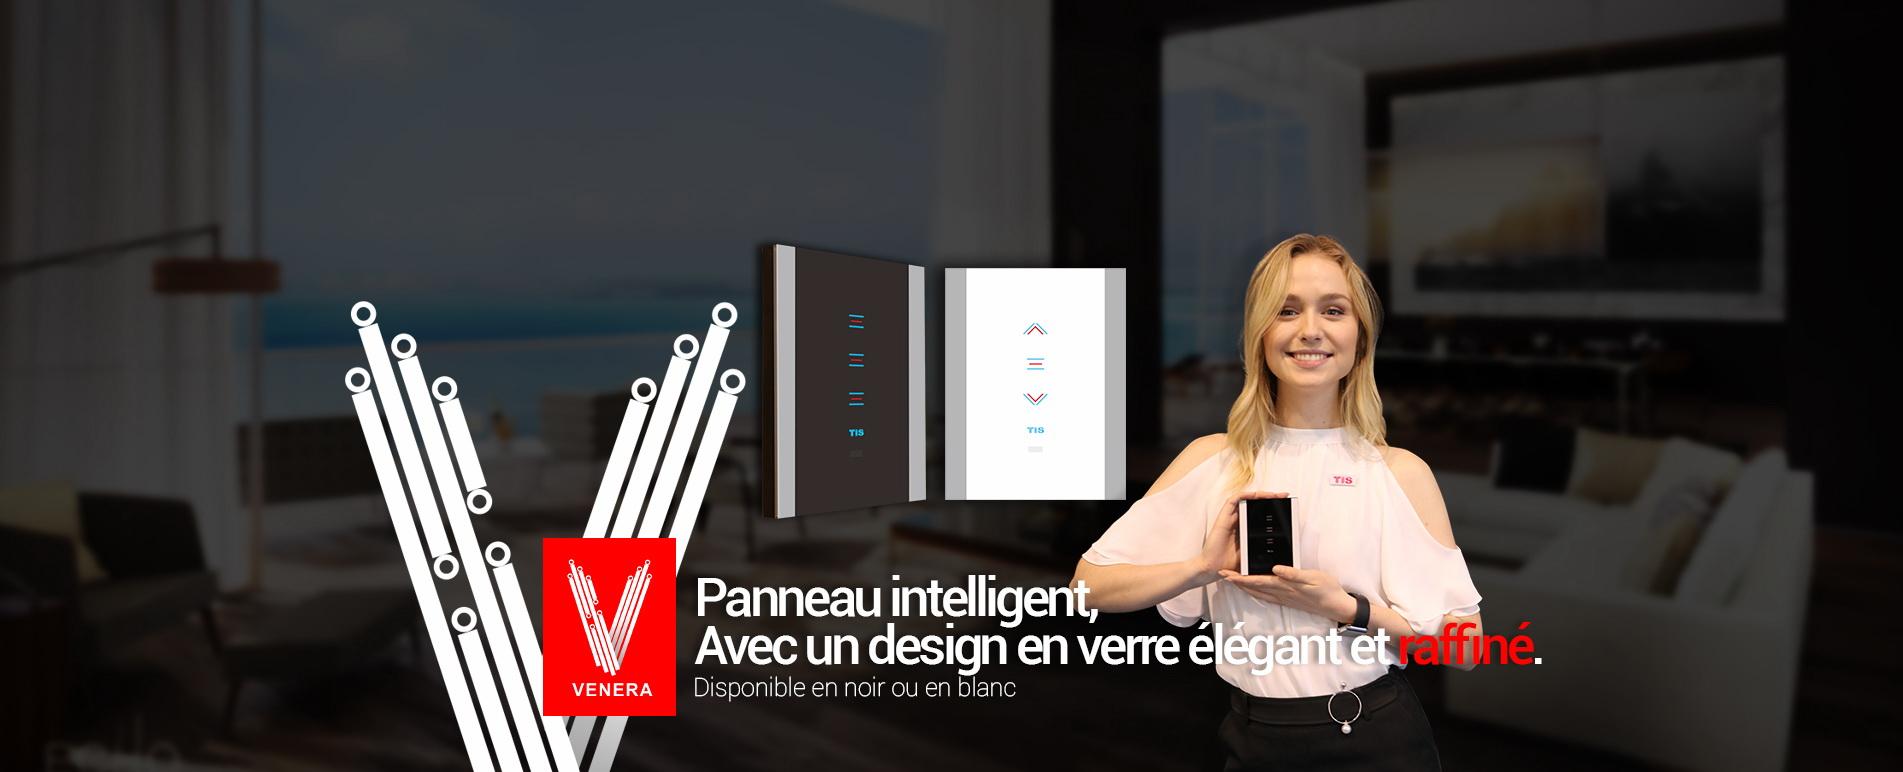 Technologie TIS – Interrupteur connecté WIFI Venera